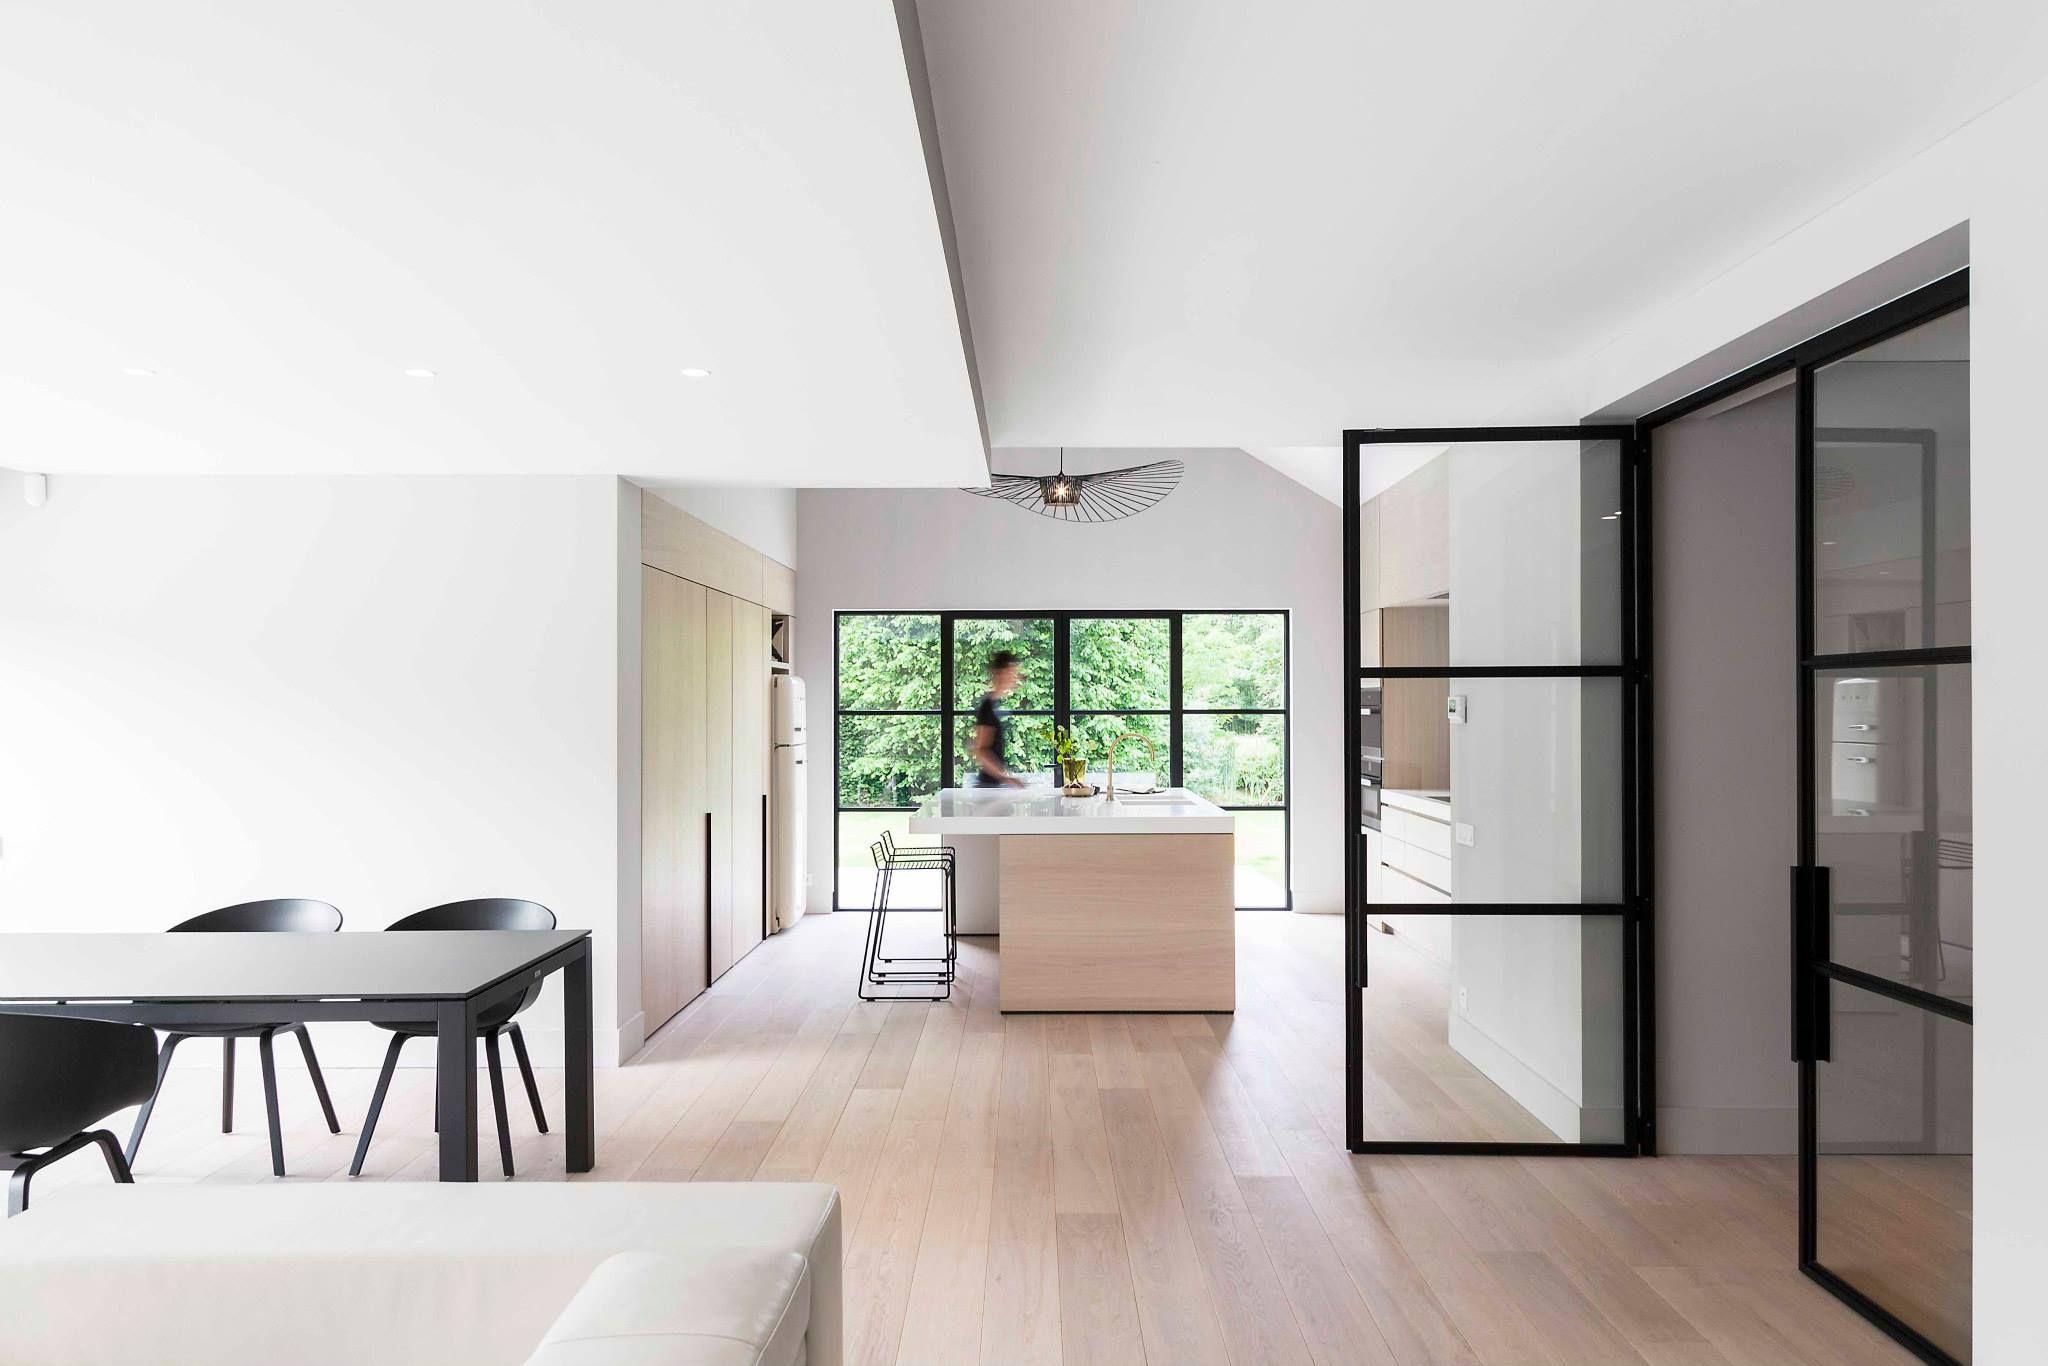 Sie gestalten küchen-design-ideen project k  architektur und inneneinrichtung  pinterest  haus